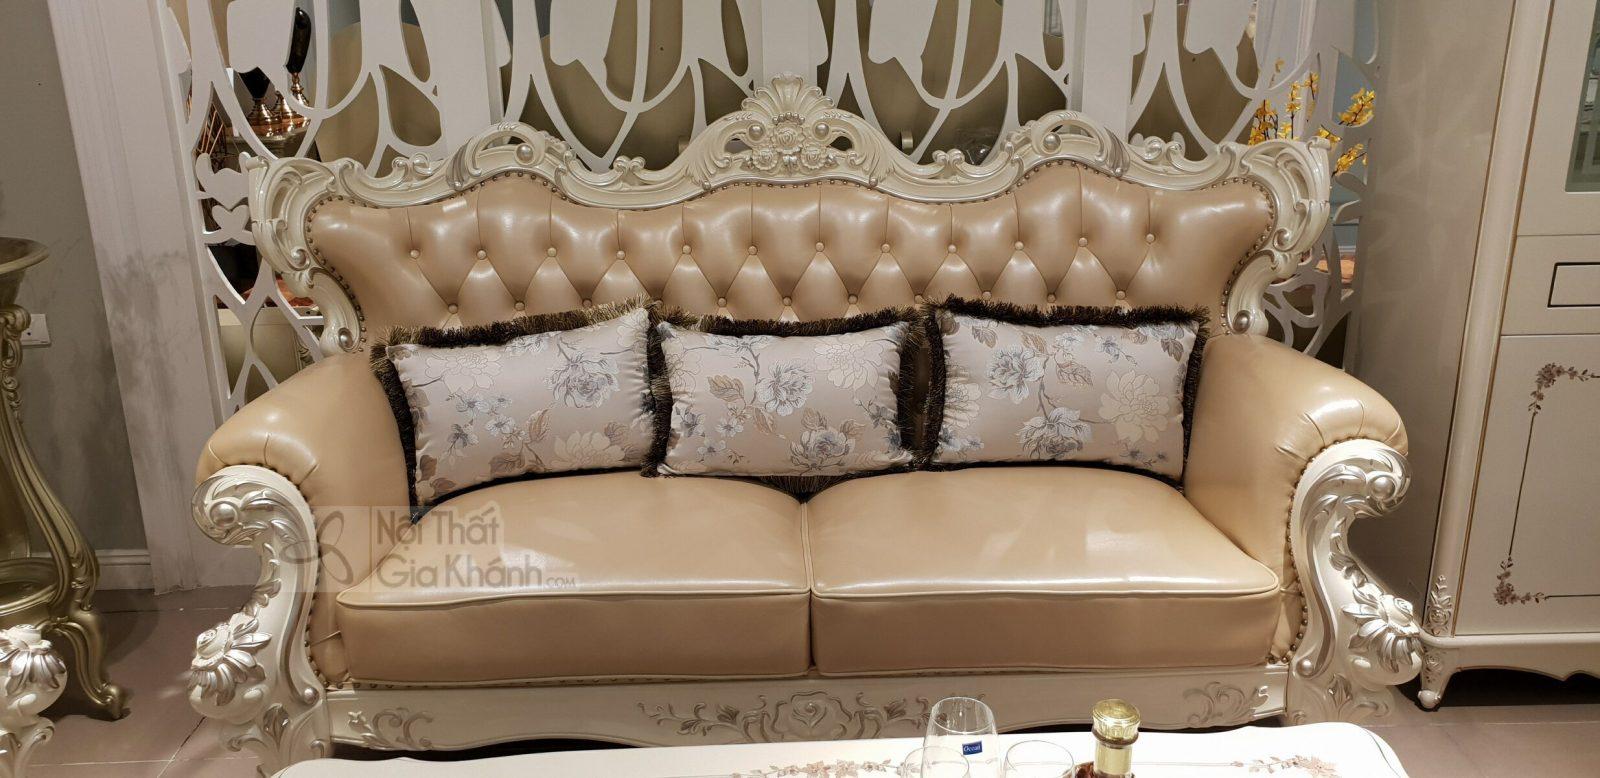 Sofa (salon) tân cổ điển đẳng cấp hoàng gia H963SF - sofa tan co dien H963SF 3